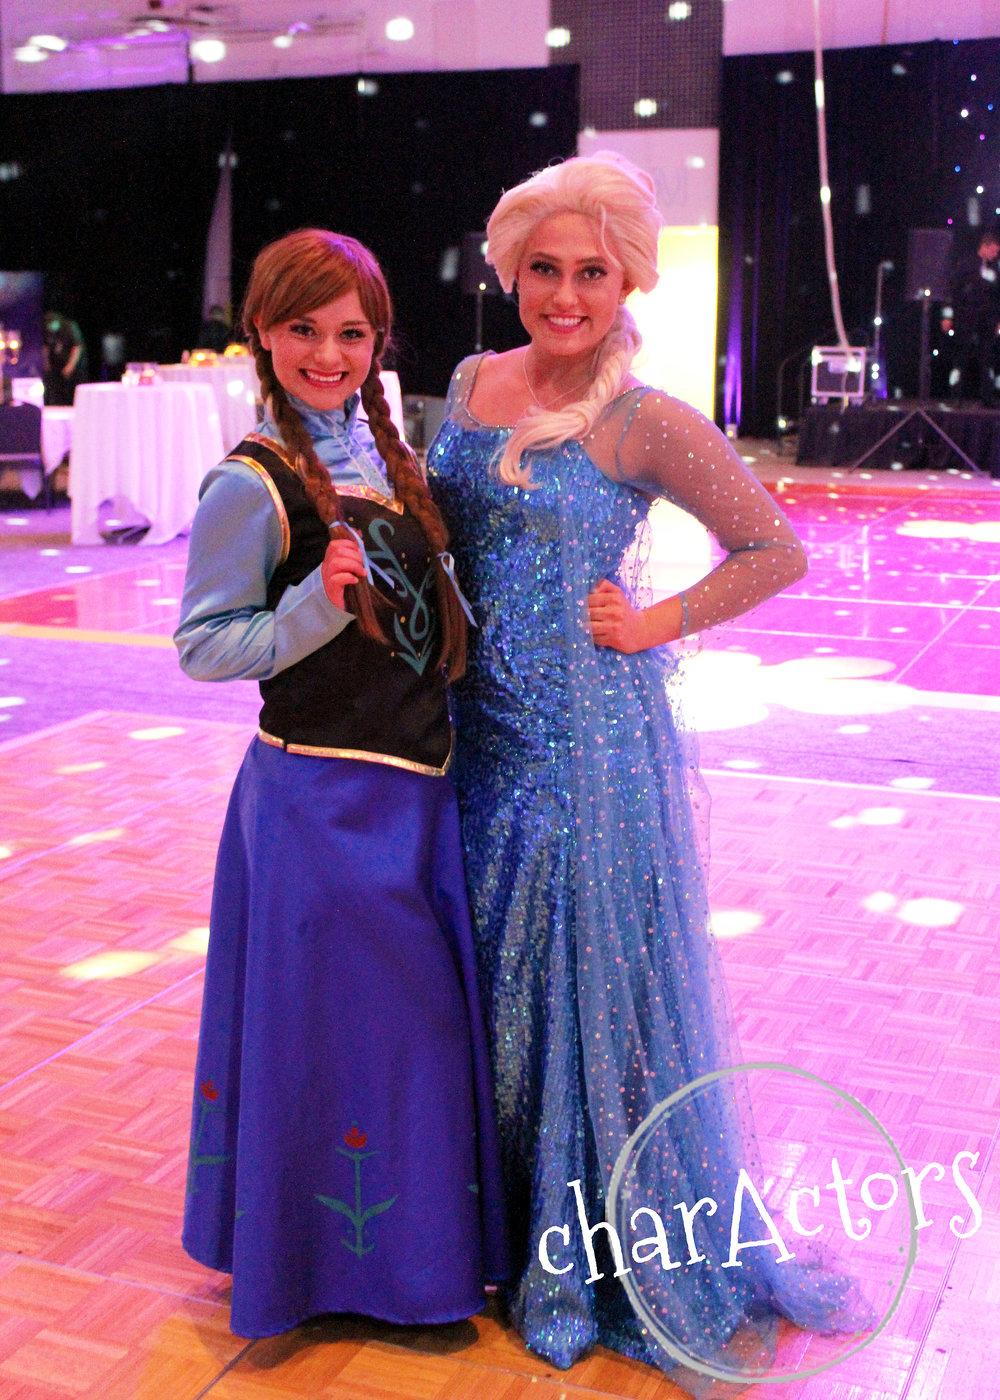 charActors Snow Sisters.jpg